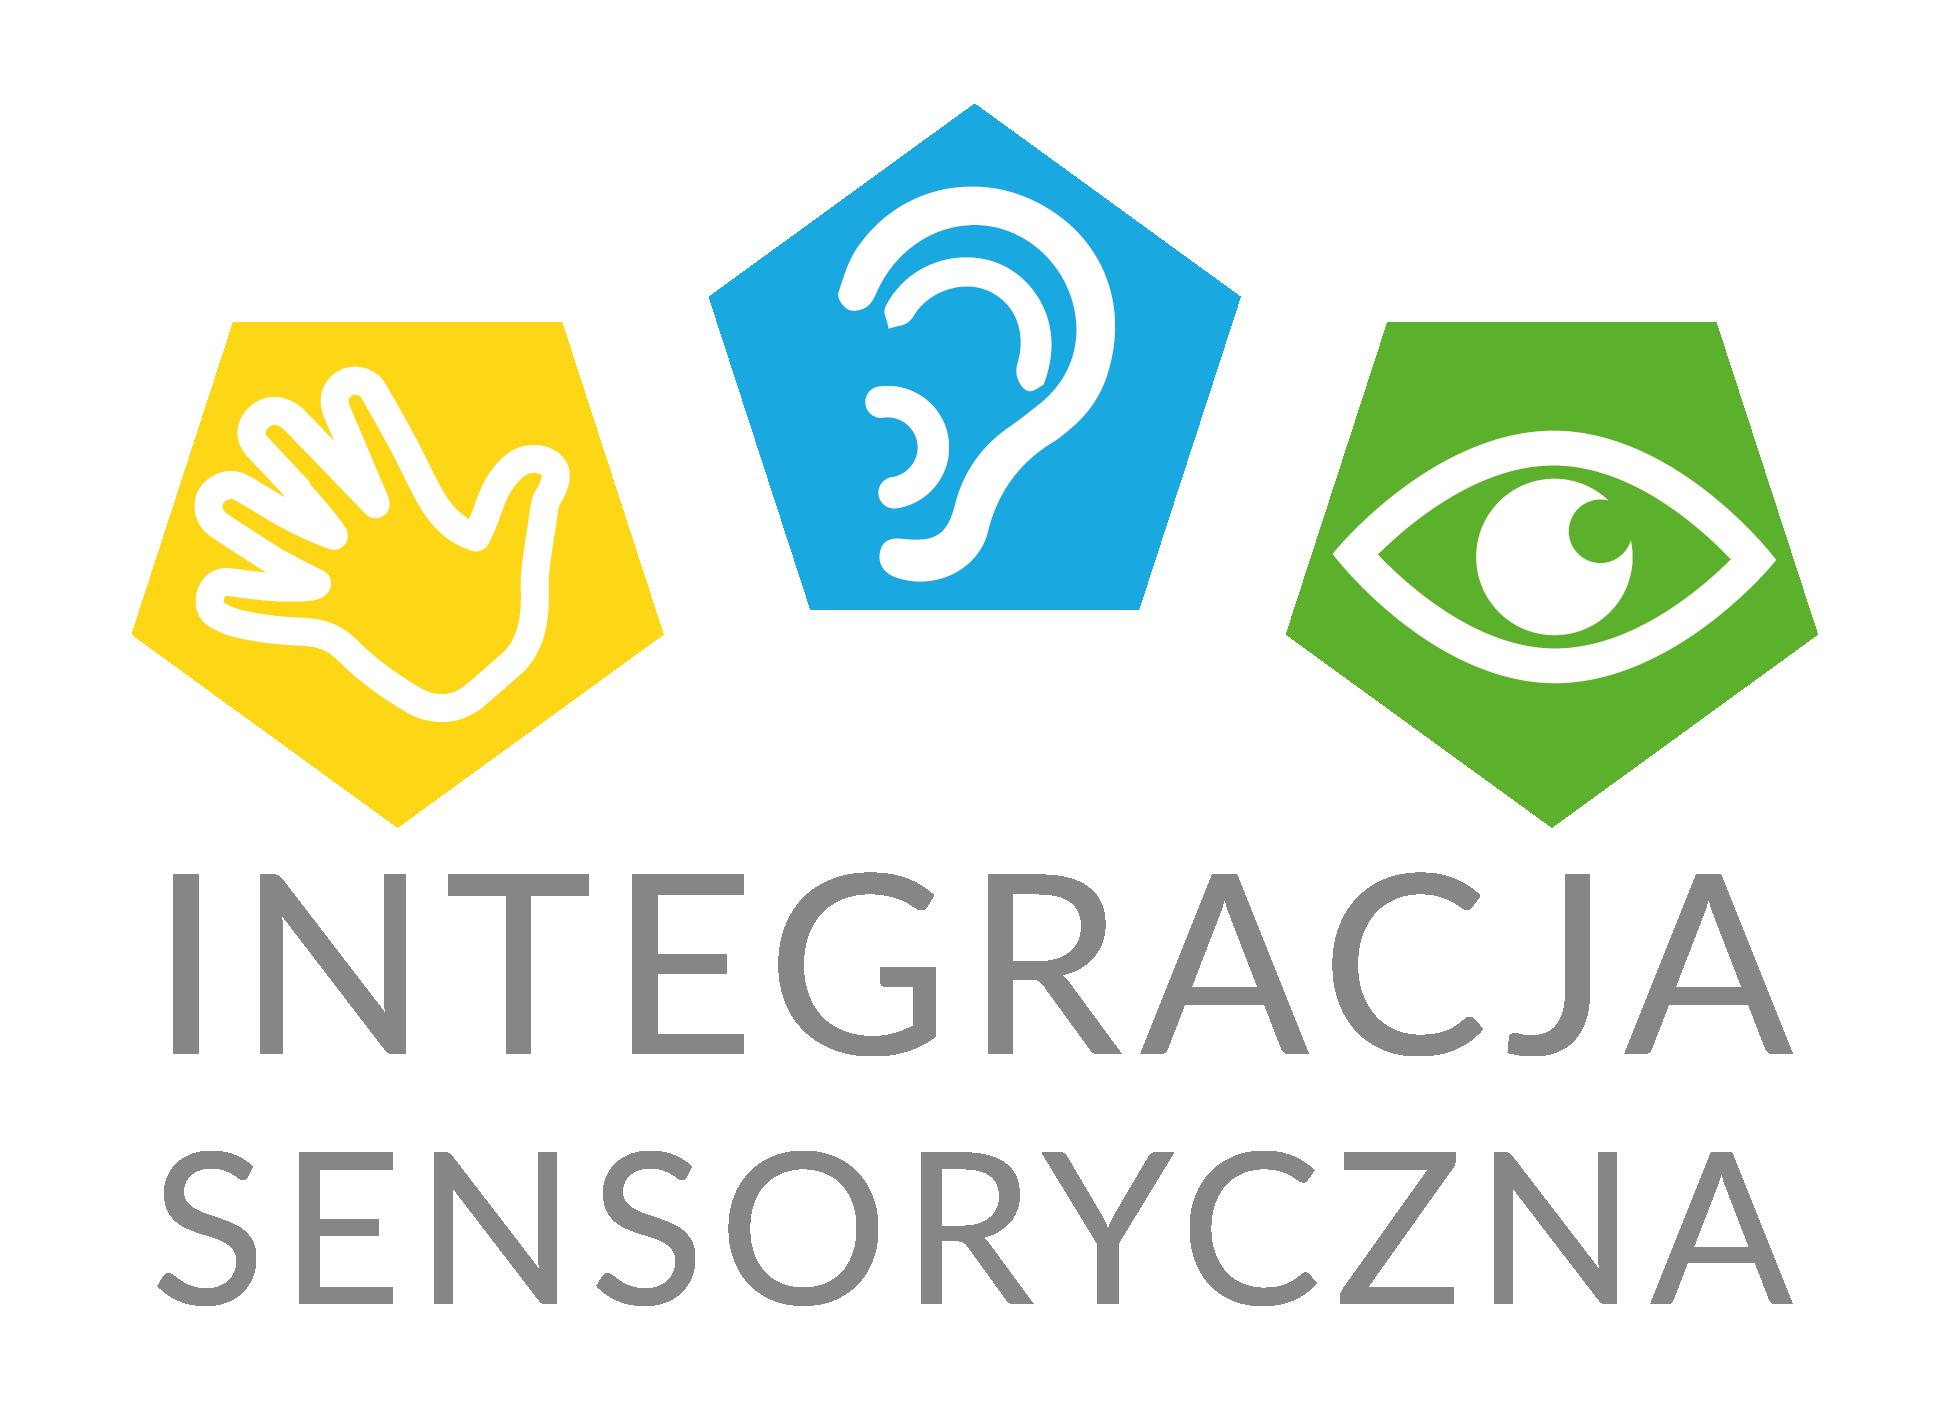 Logo strony internetowej dotyczącej integracji sensorycznej